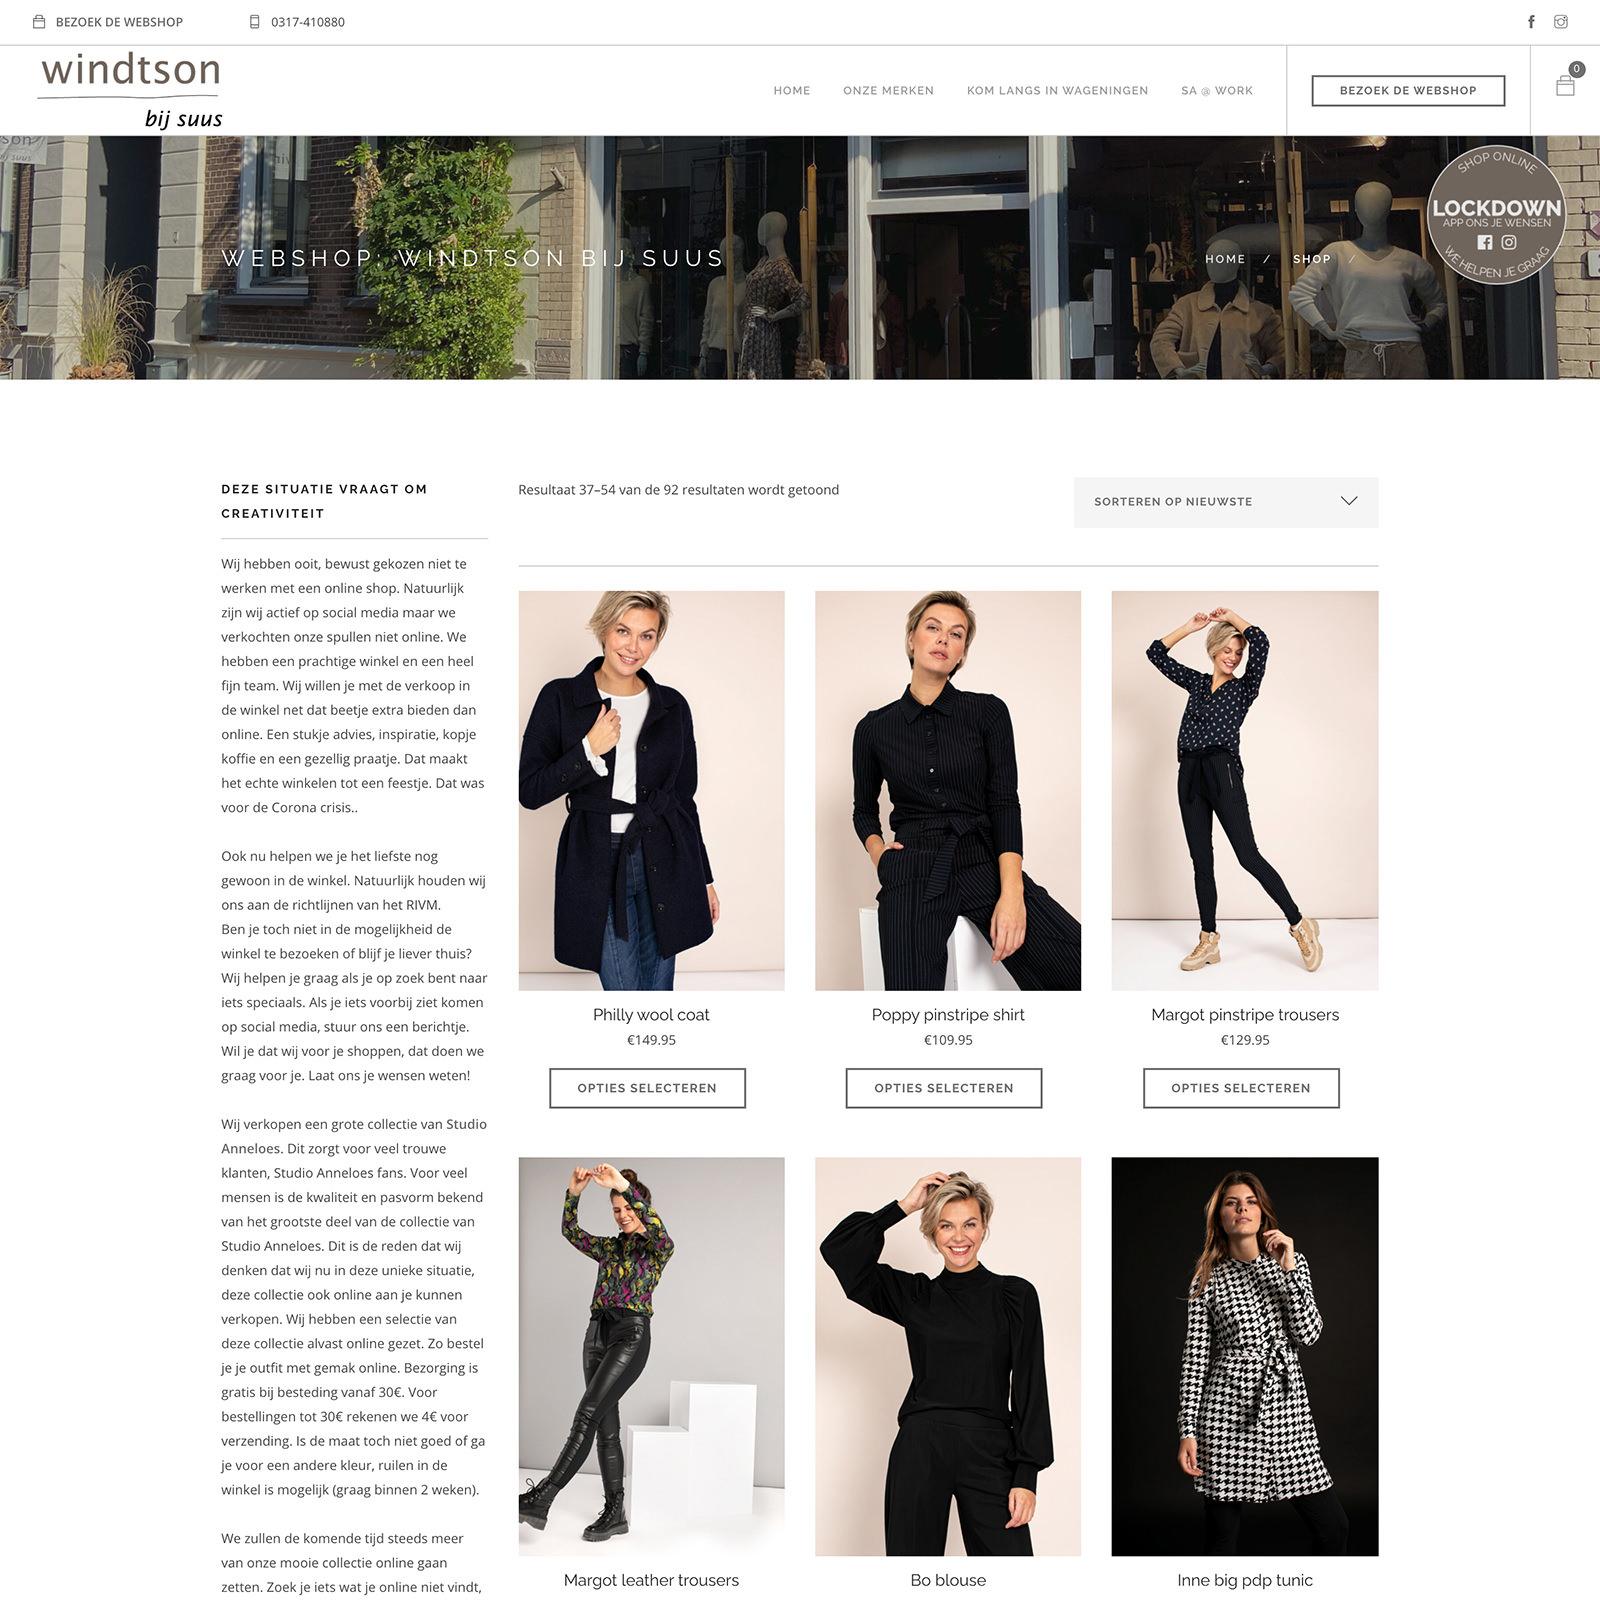 Webshop retail kledingwinkel dameskleding Wageningen